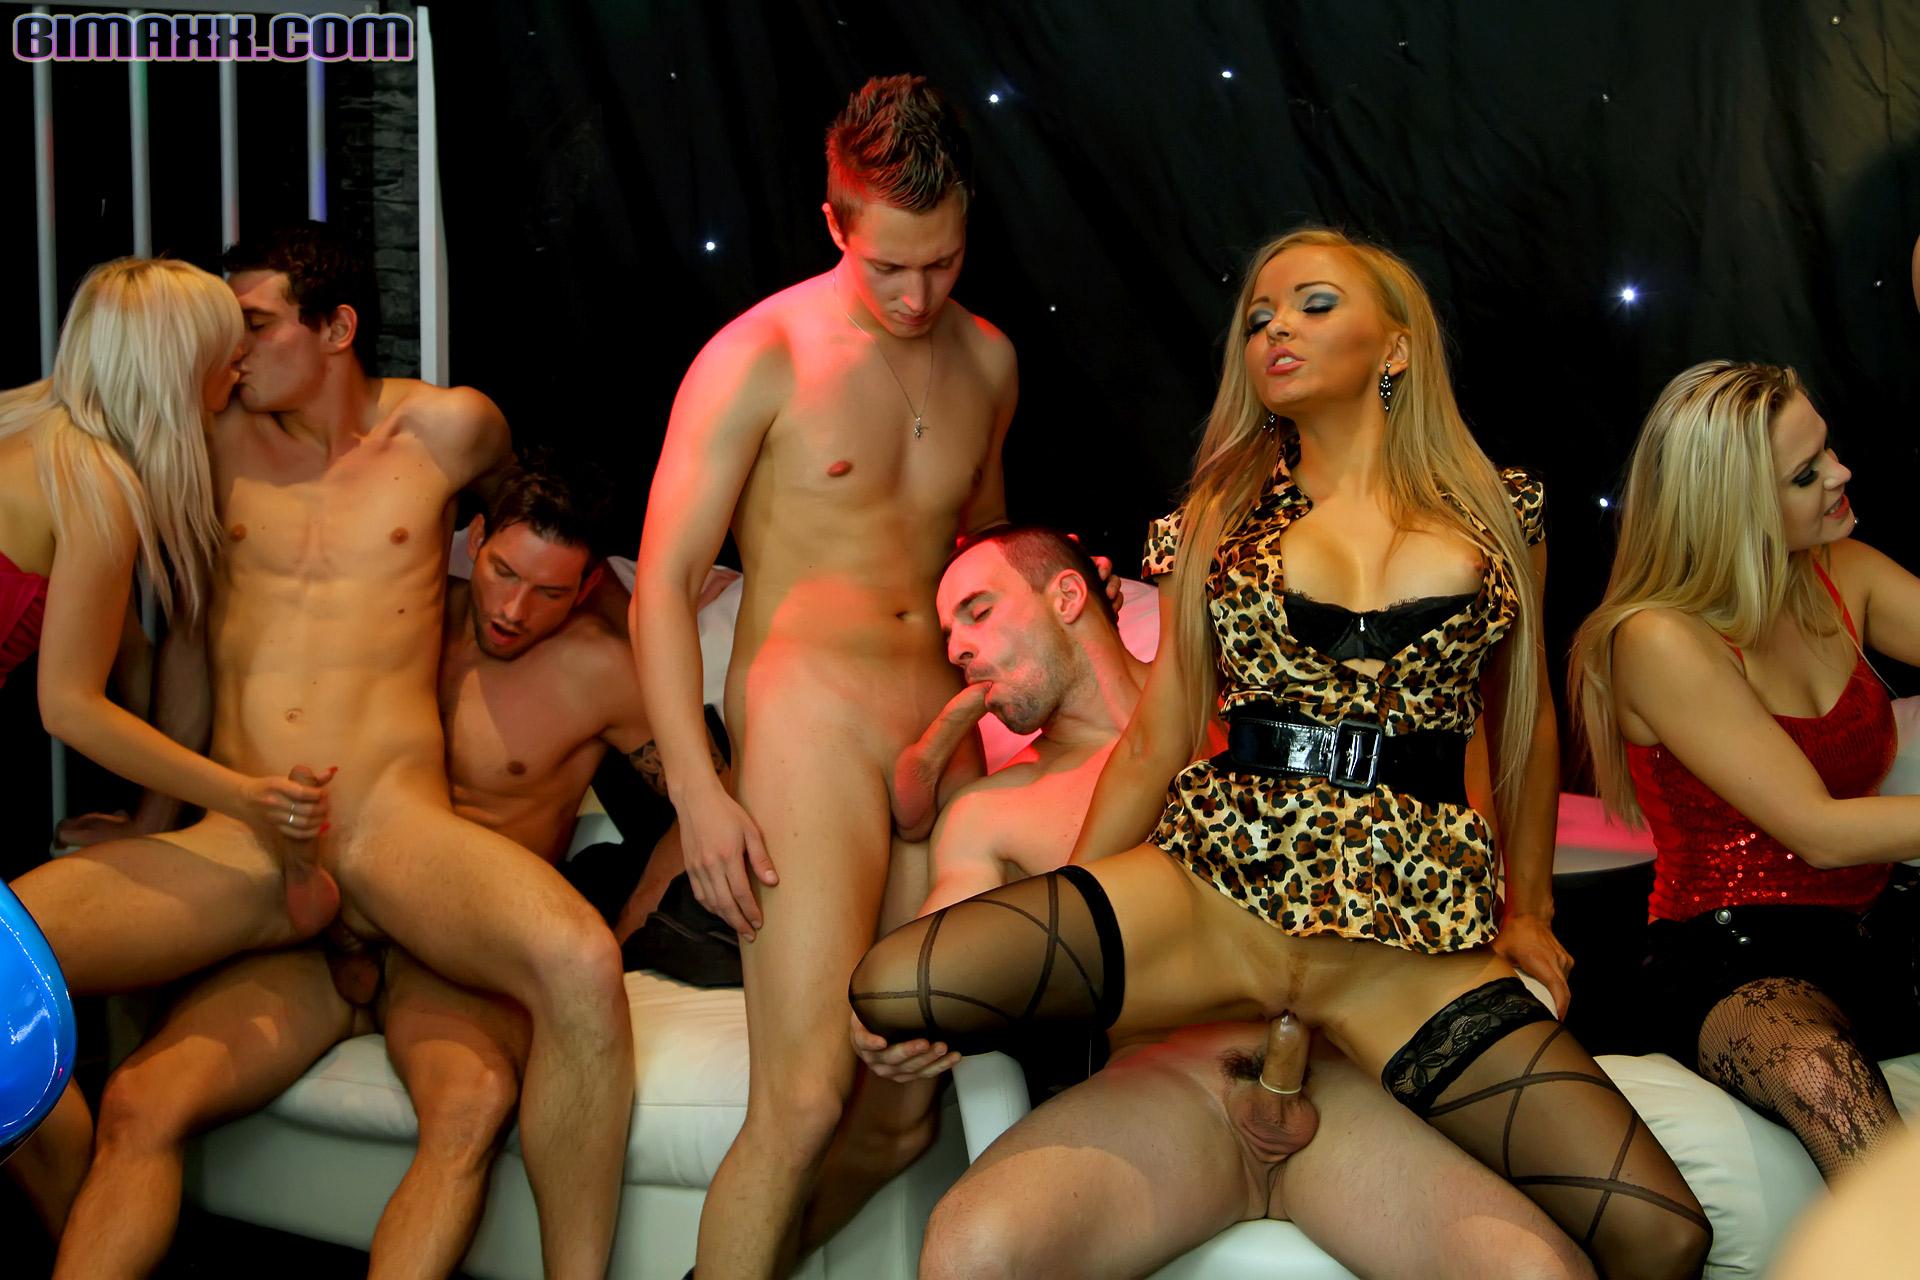 Смотреть онлайн жёсткая вечеринка, Порно вечеринки - бесстыдные Секс Вечеринки пьяных 7 фотография